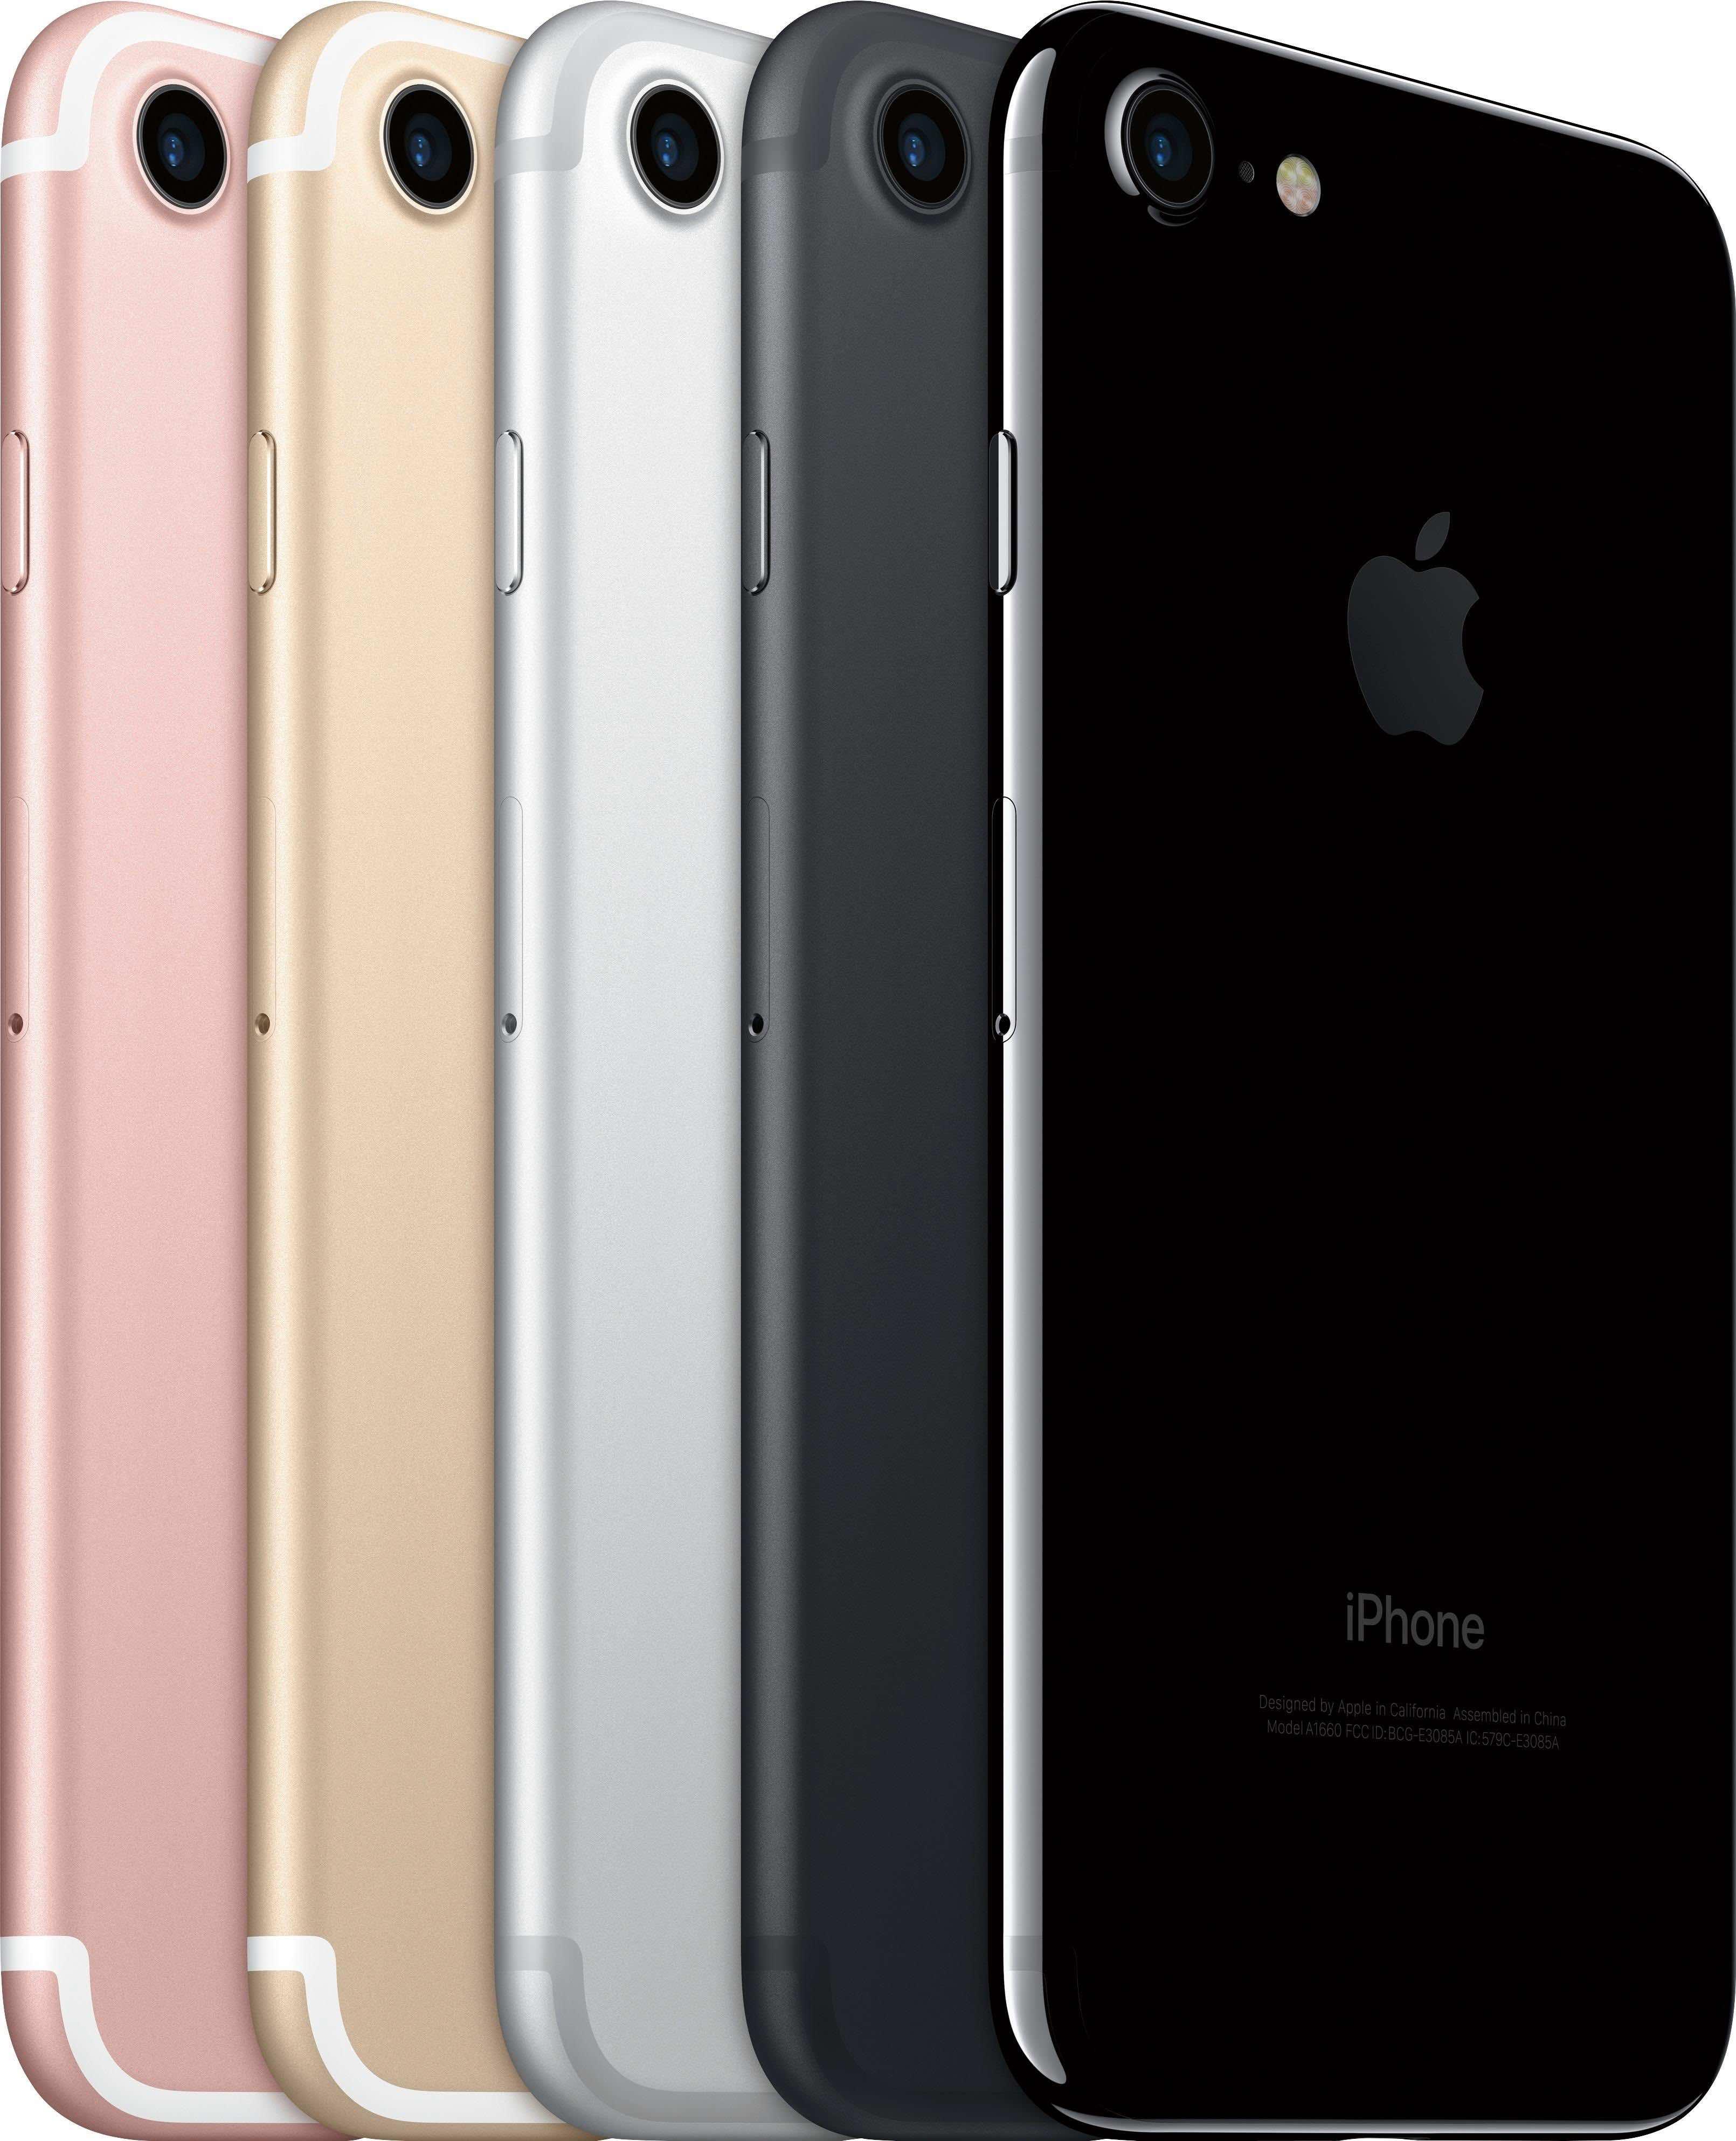 טלפון סלולרי Apple iPhone 7 32GB אפל *מחודש*